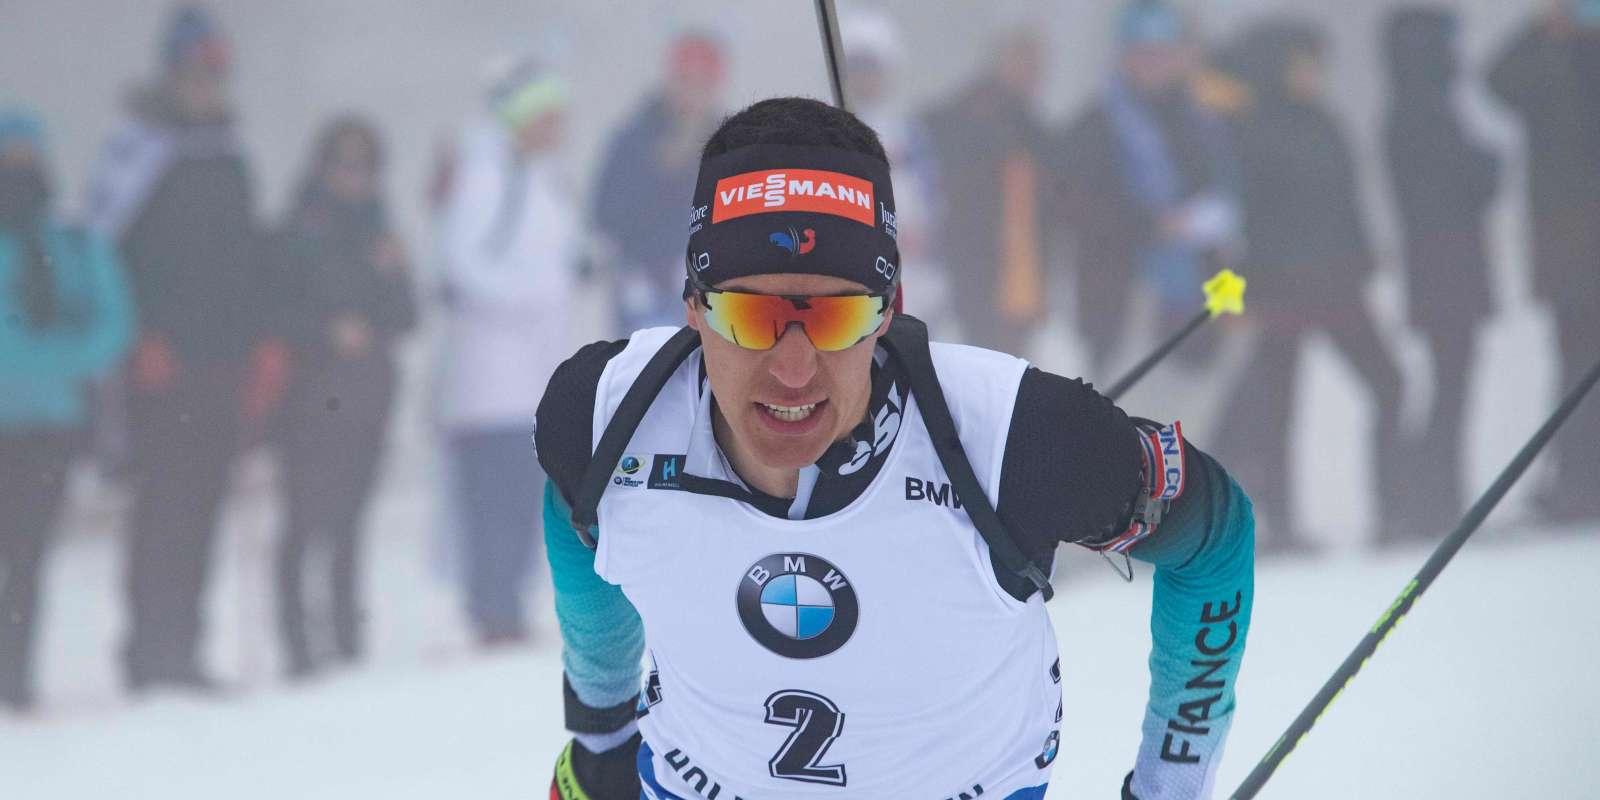 Quentin Fillon Maillet lors du sprint d'Oslo, le 22 mars 2019.